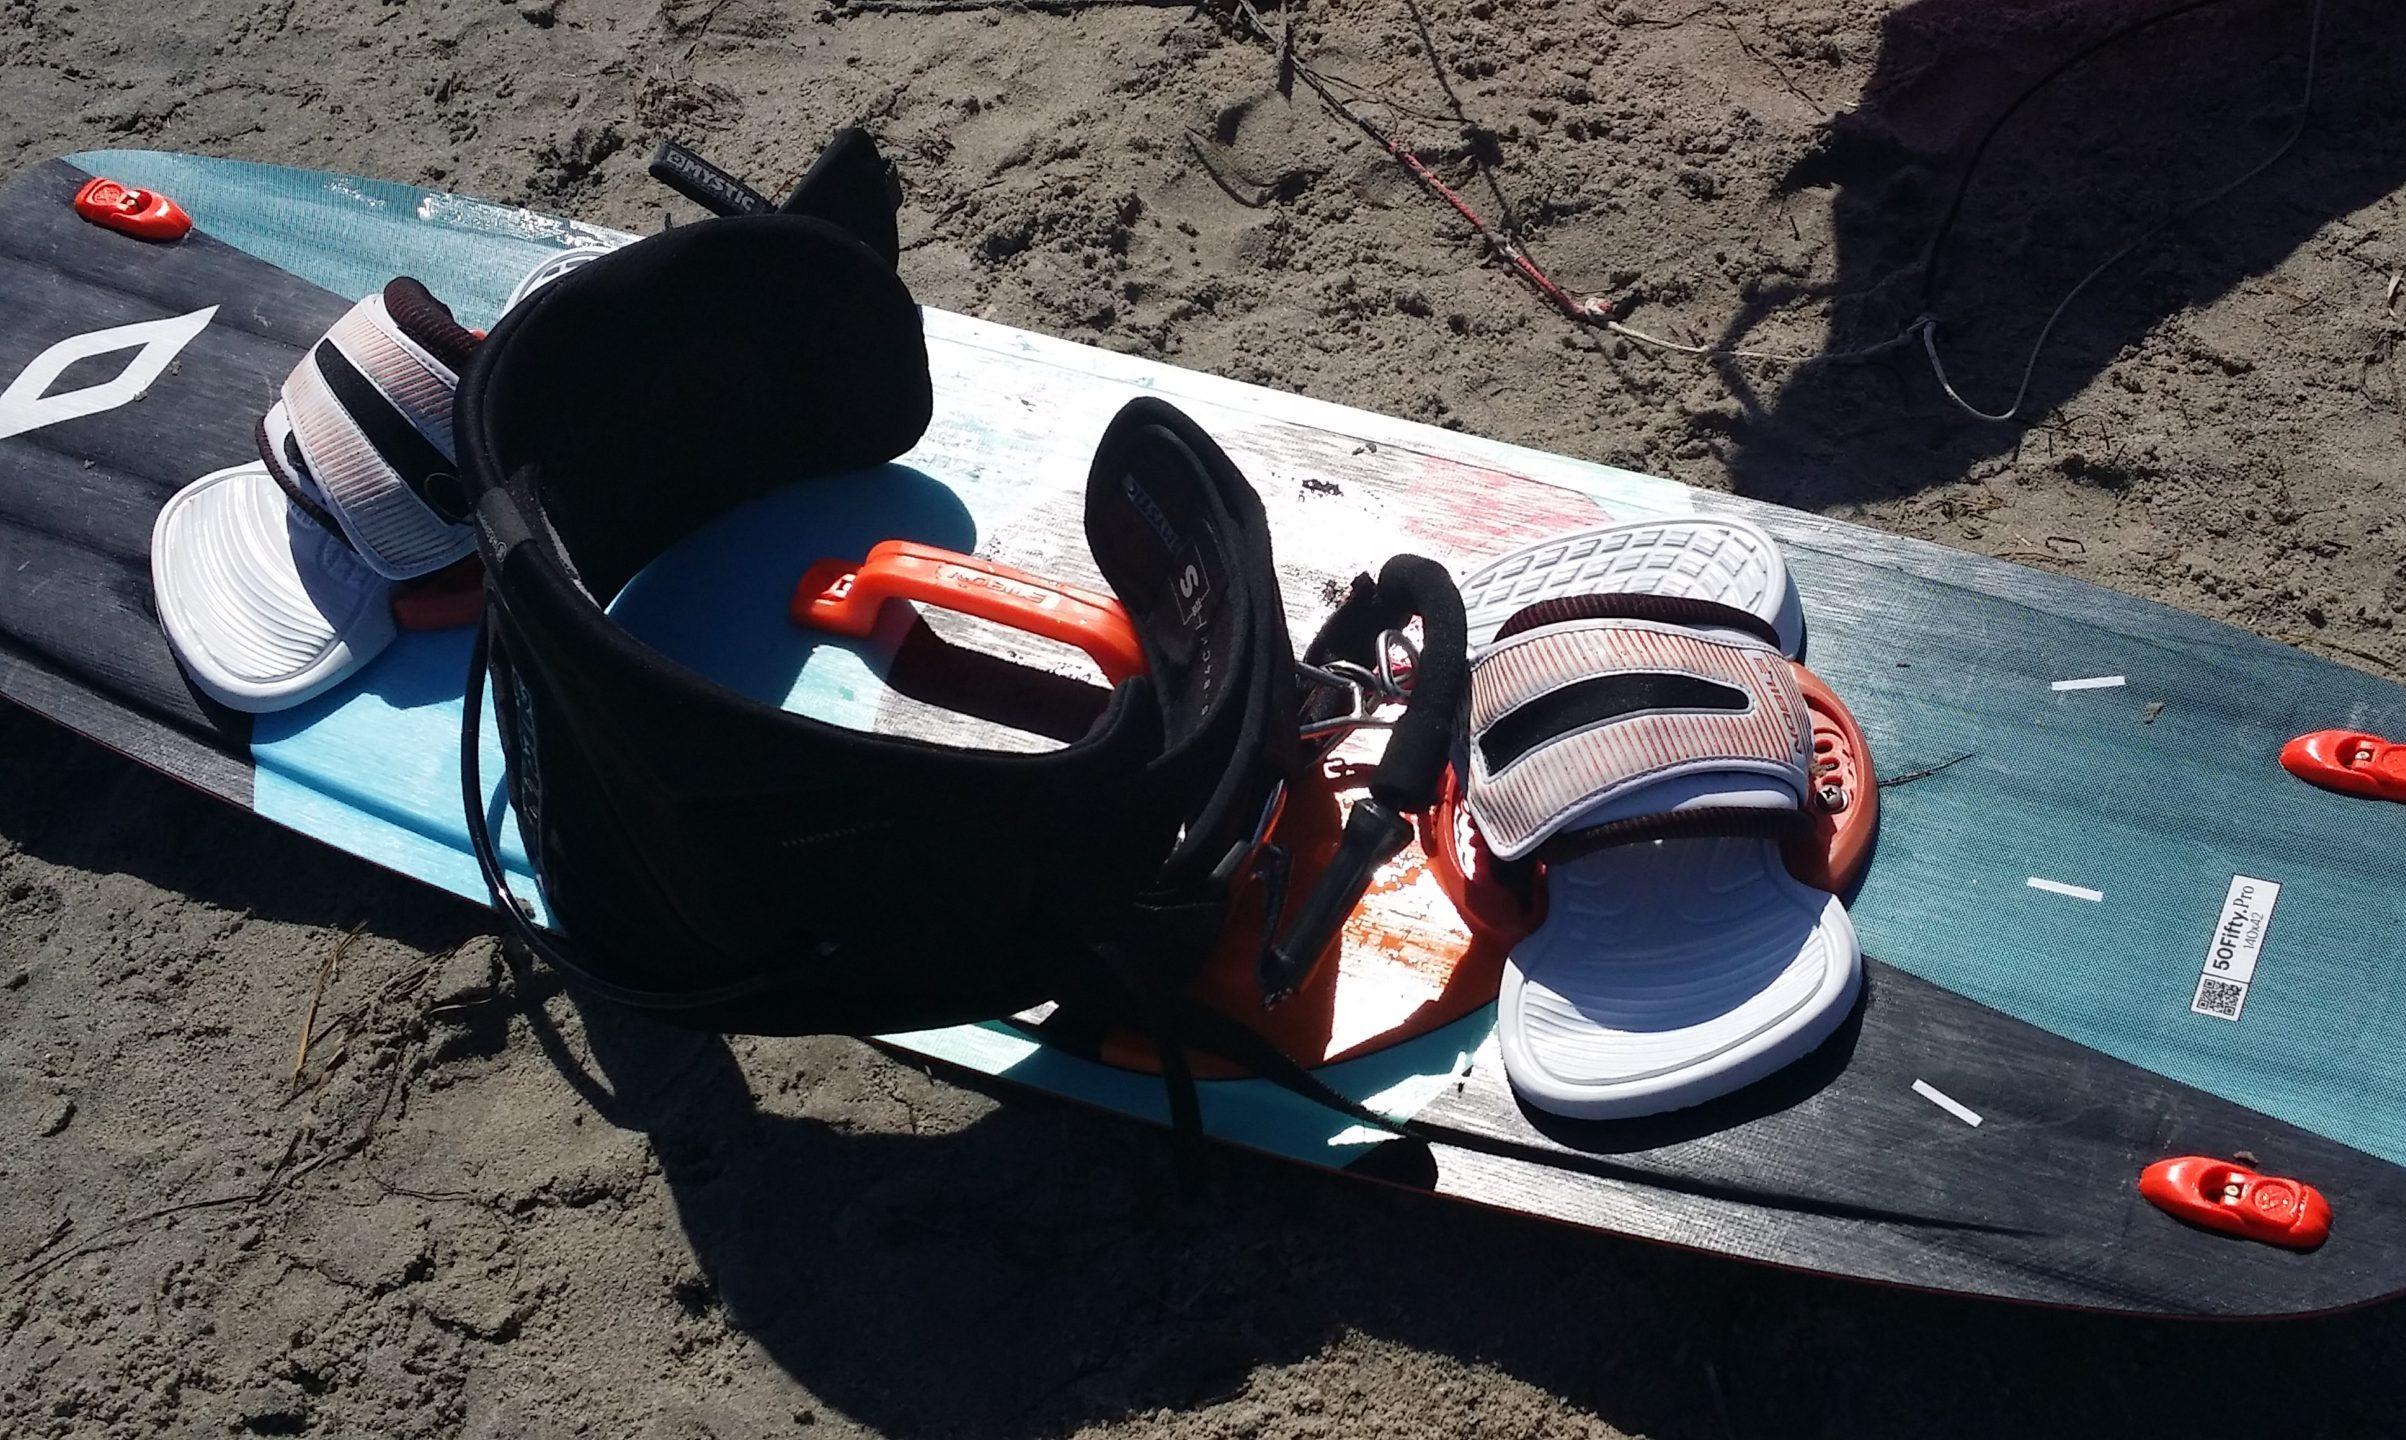 Tavola da kitesurf a Punta Trettu con un trapezio